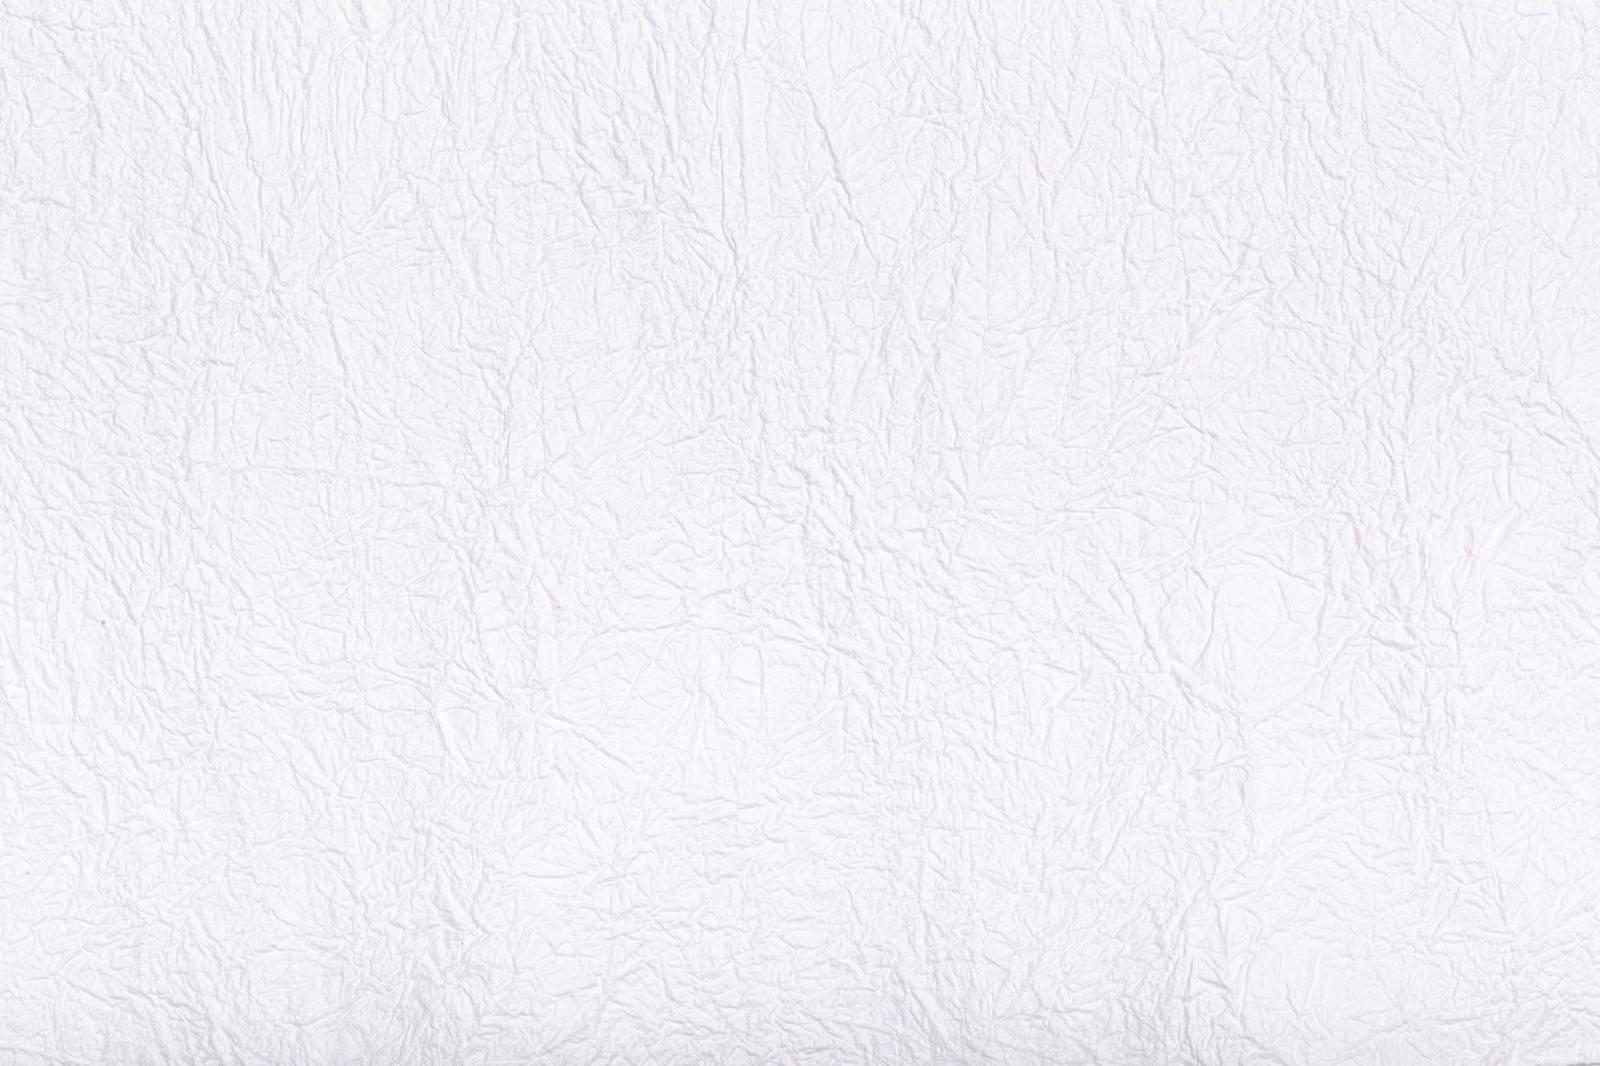 「シワシワの和紙」の写真